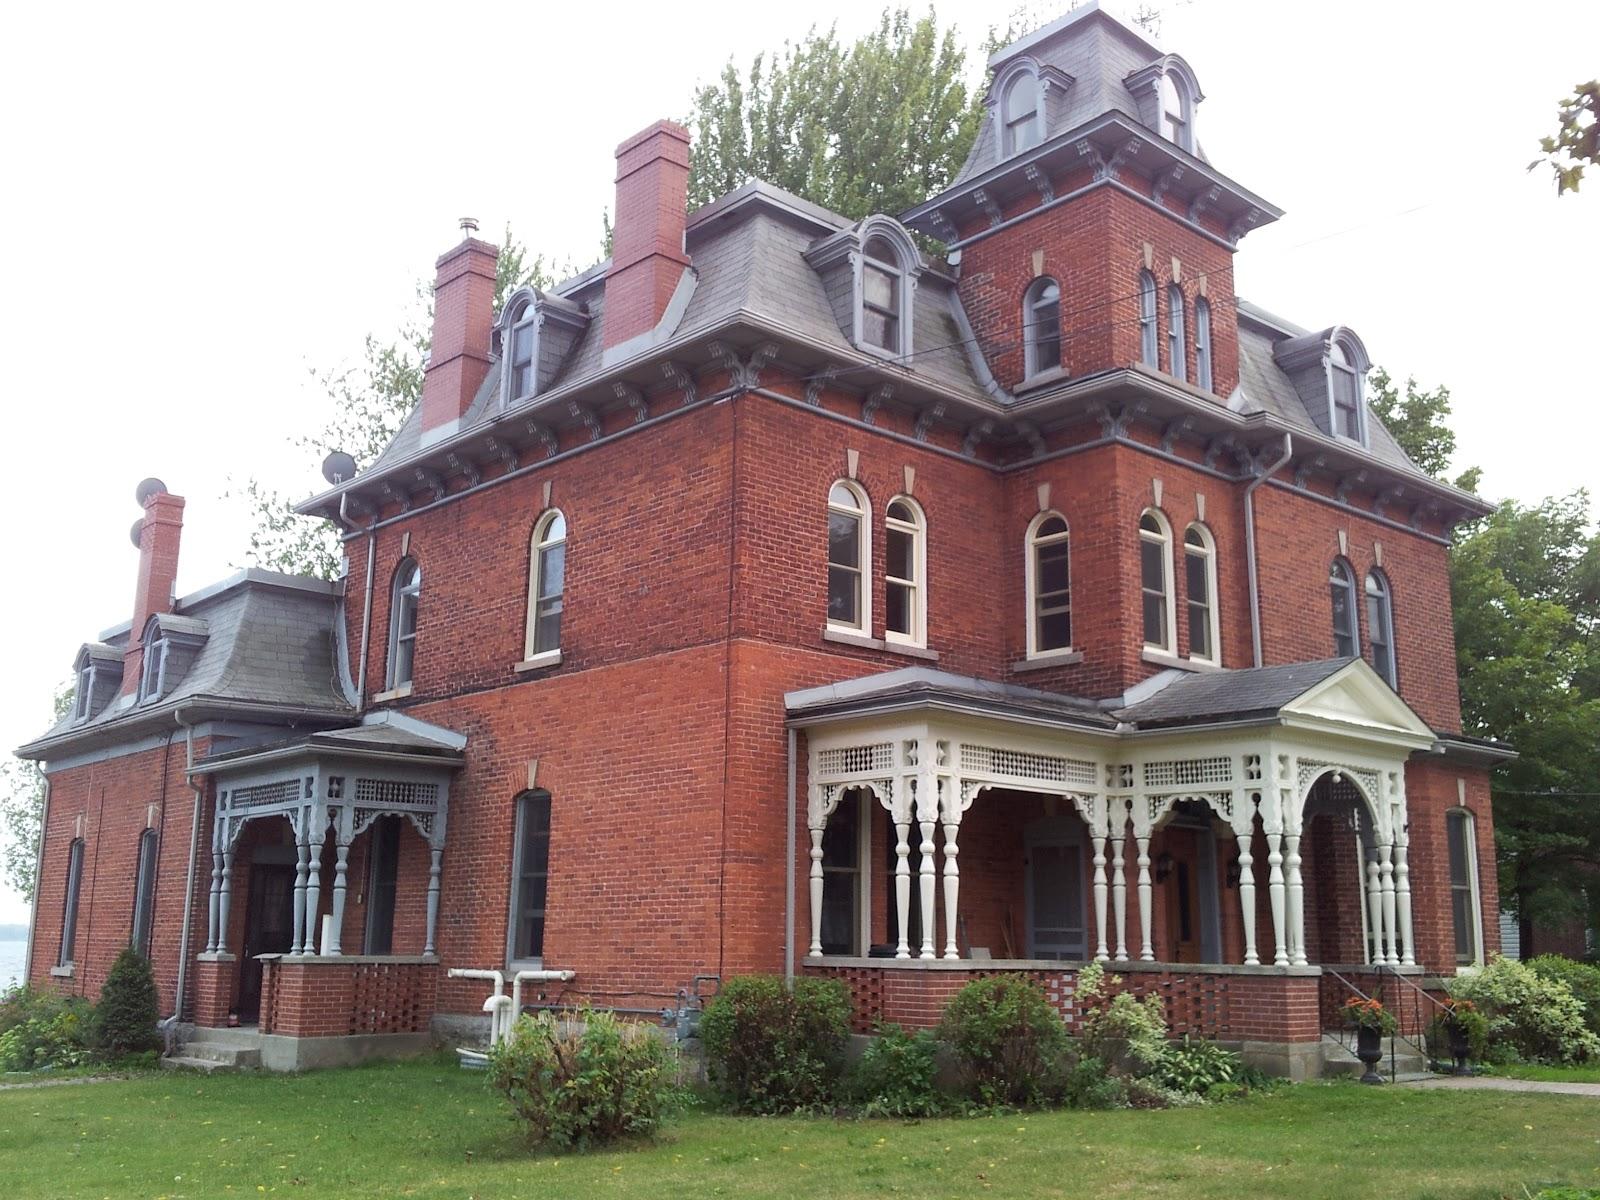 Morrisburg Victorian